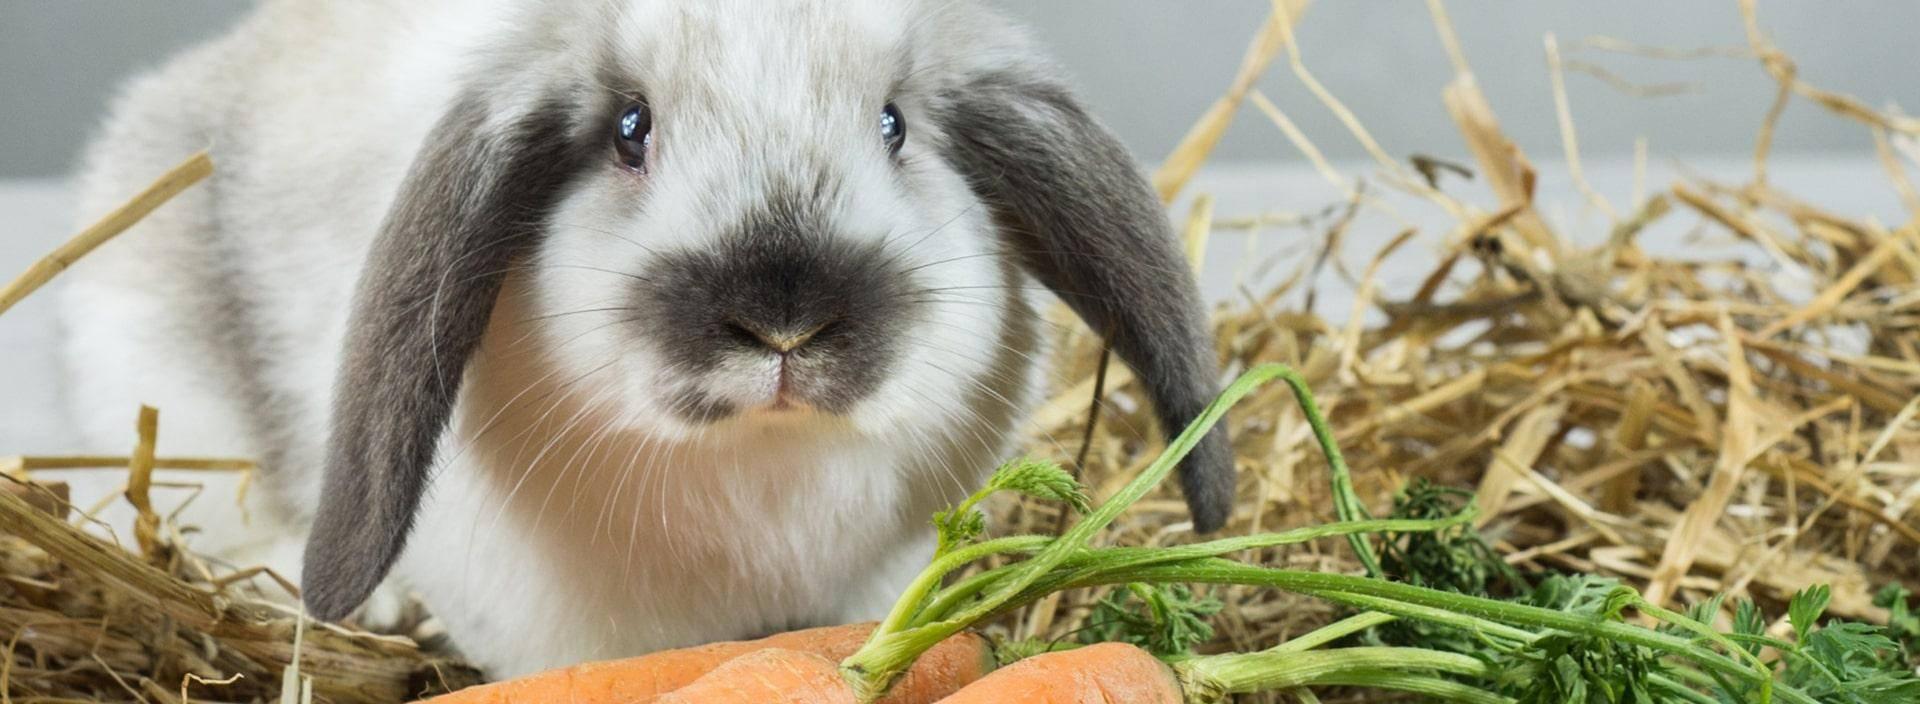 Лебеда в качестве корма для кроликов: польза и вред, полезные советы